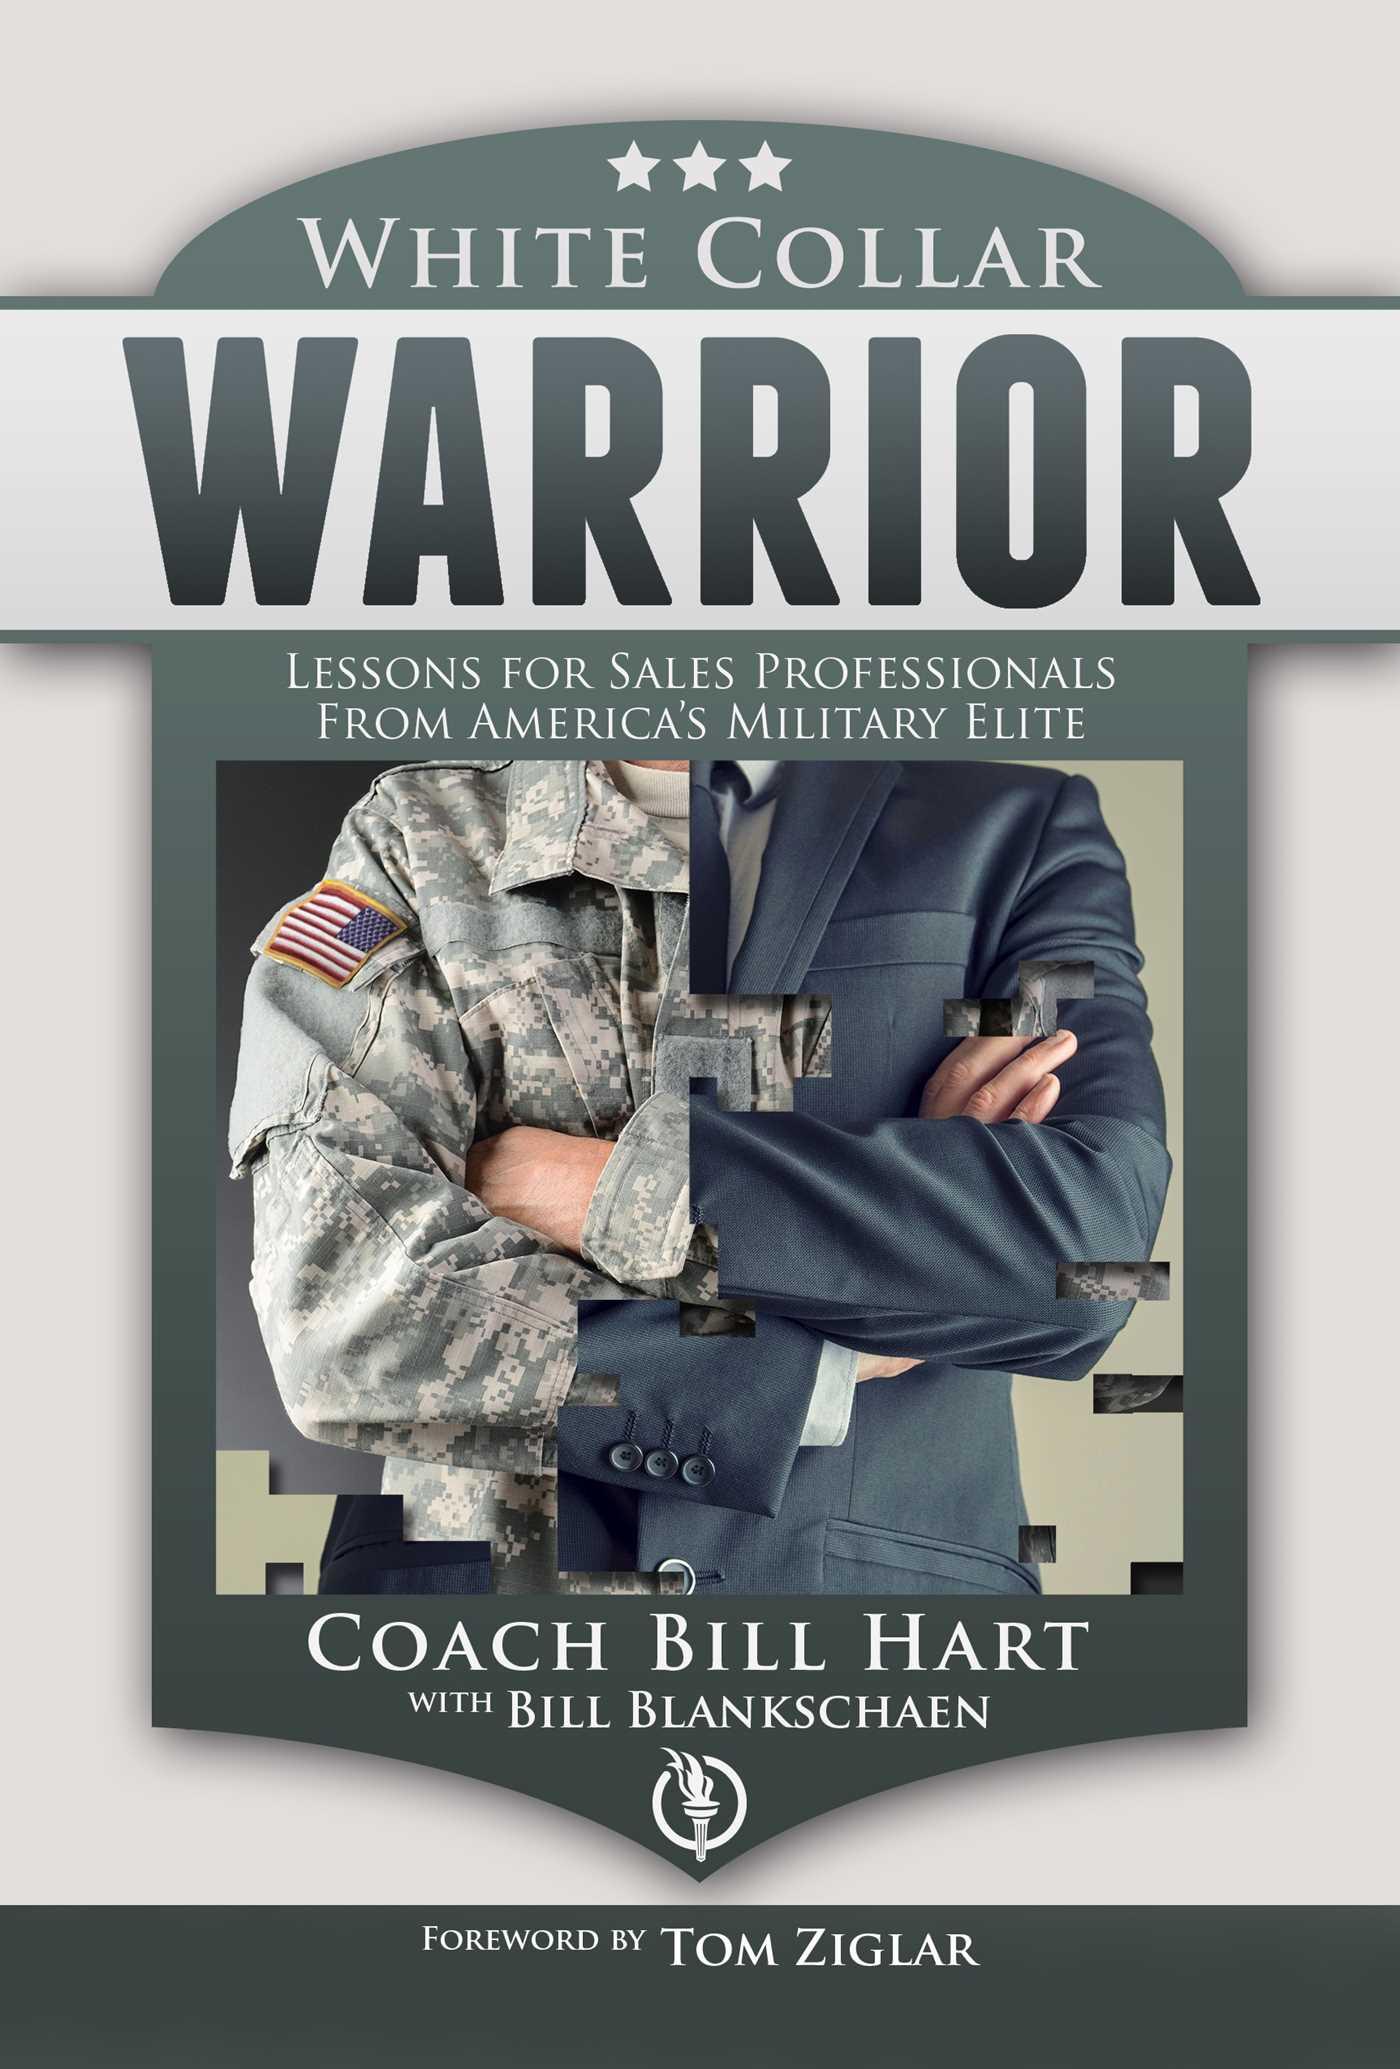 White collar warrior 9781682615287 hr